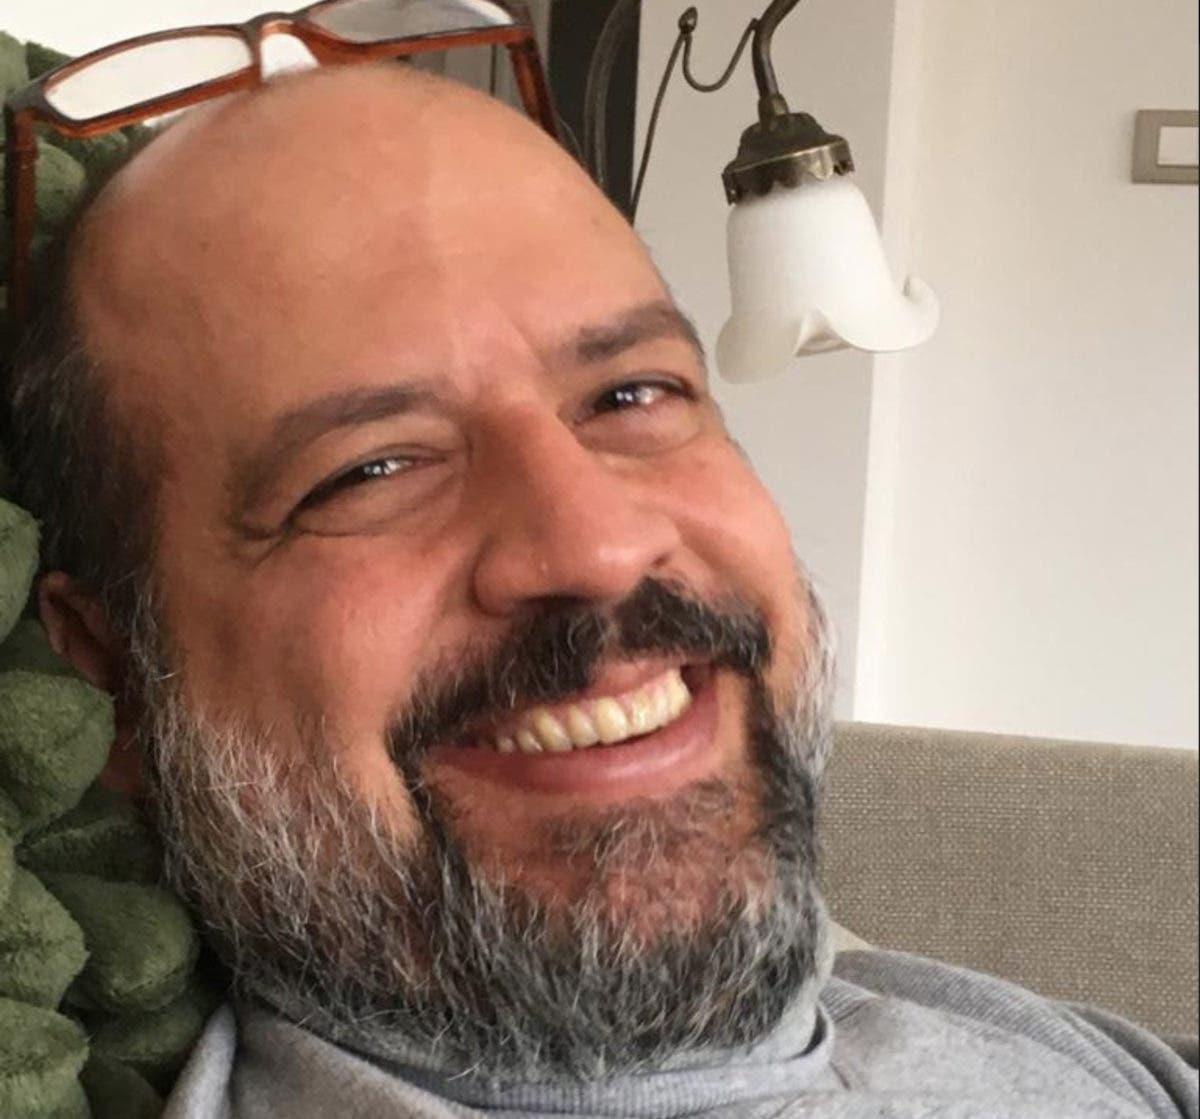 Publicarán libro que aclara asesinatos de Maximiliano Gómez y Miriam Pinedo en Bruselas